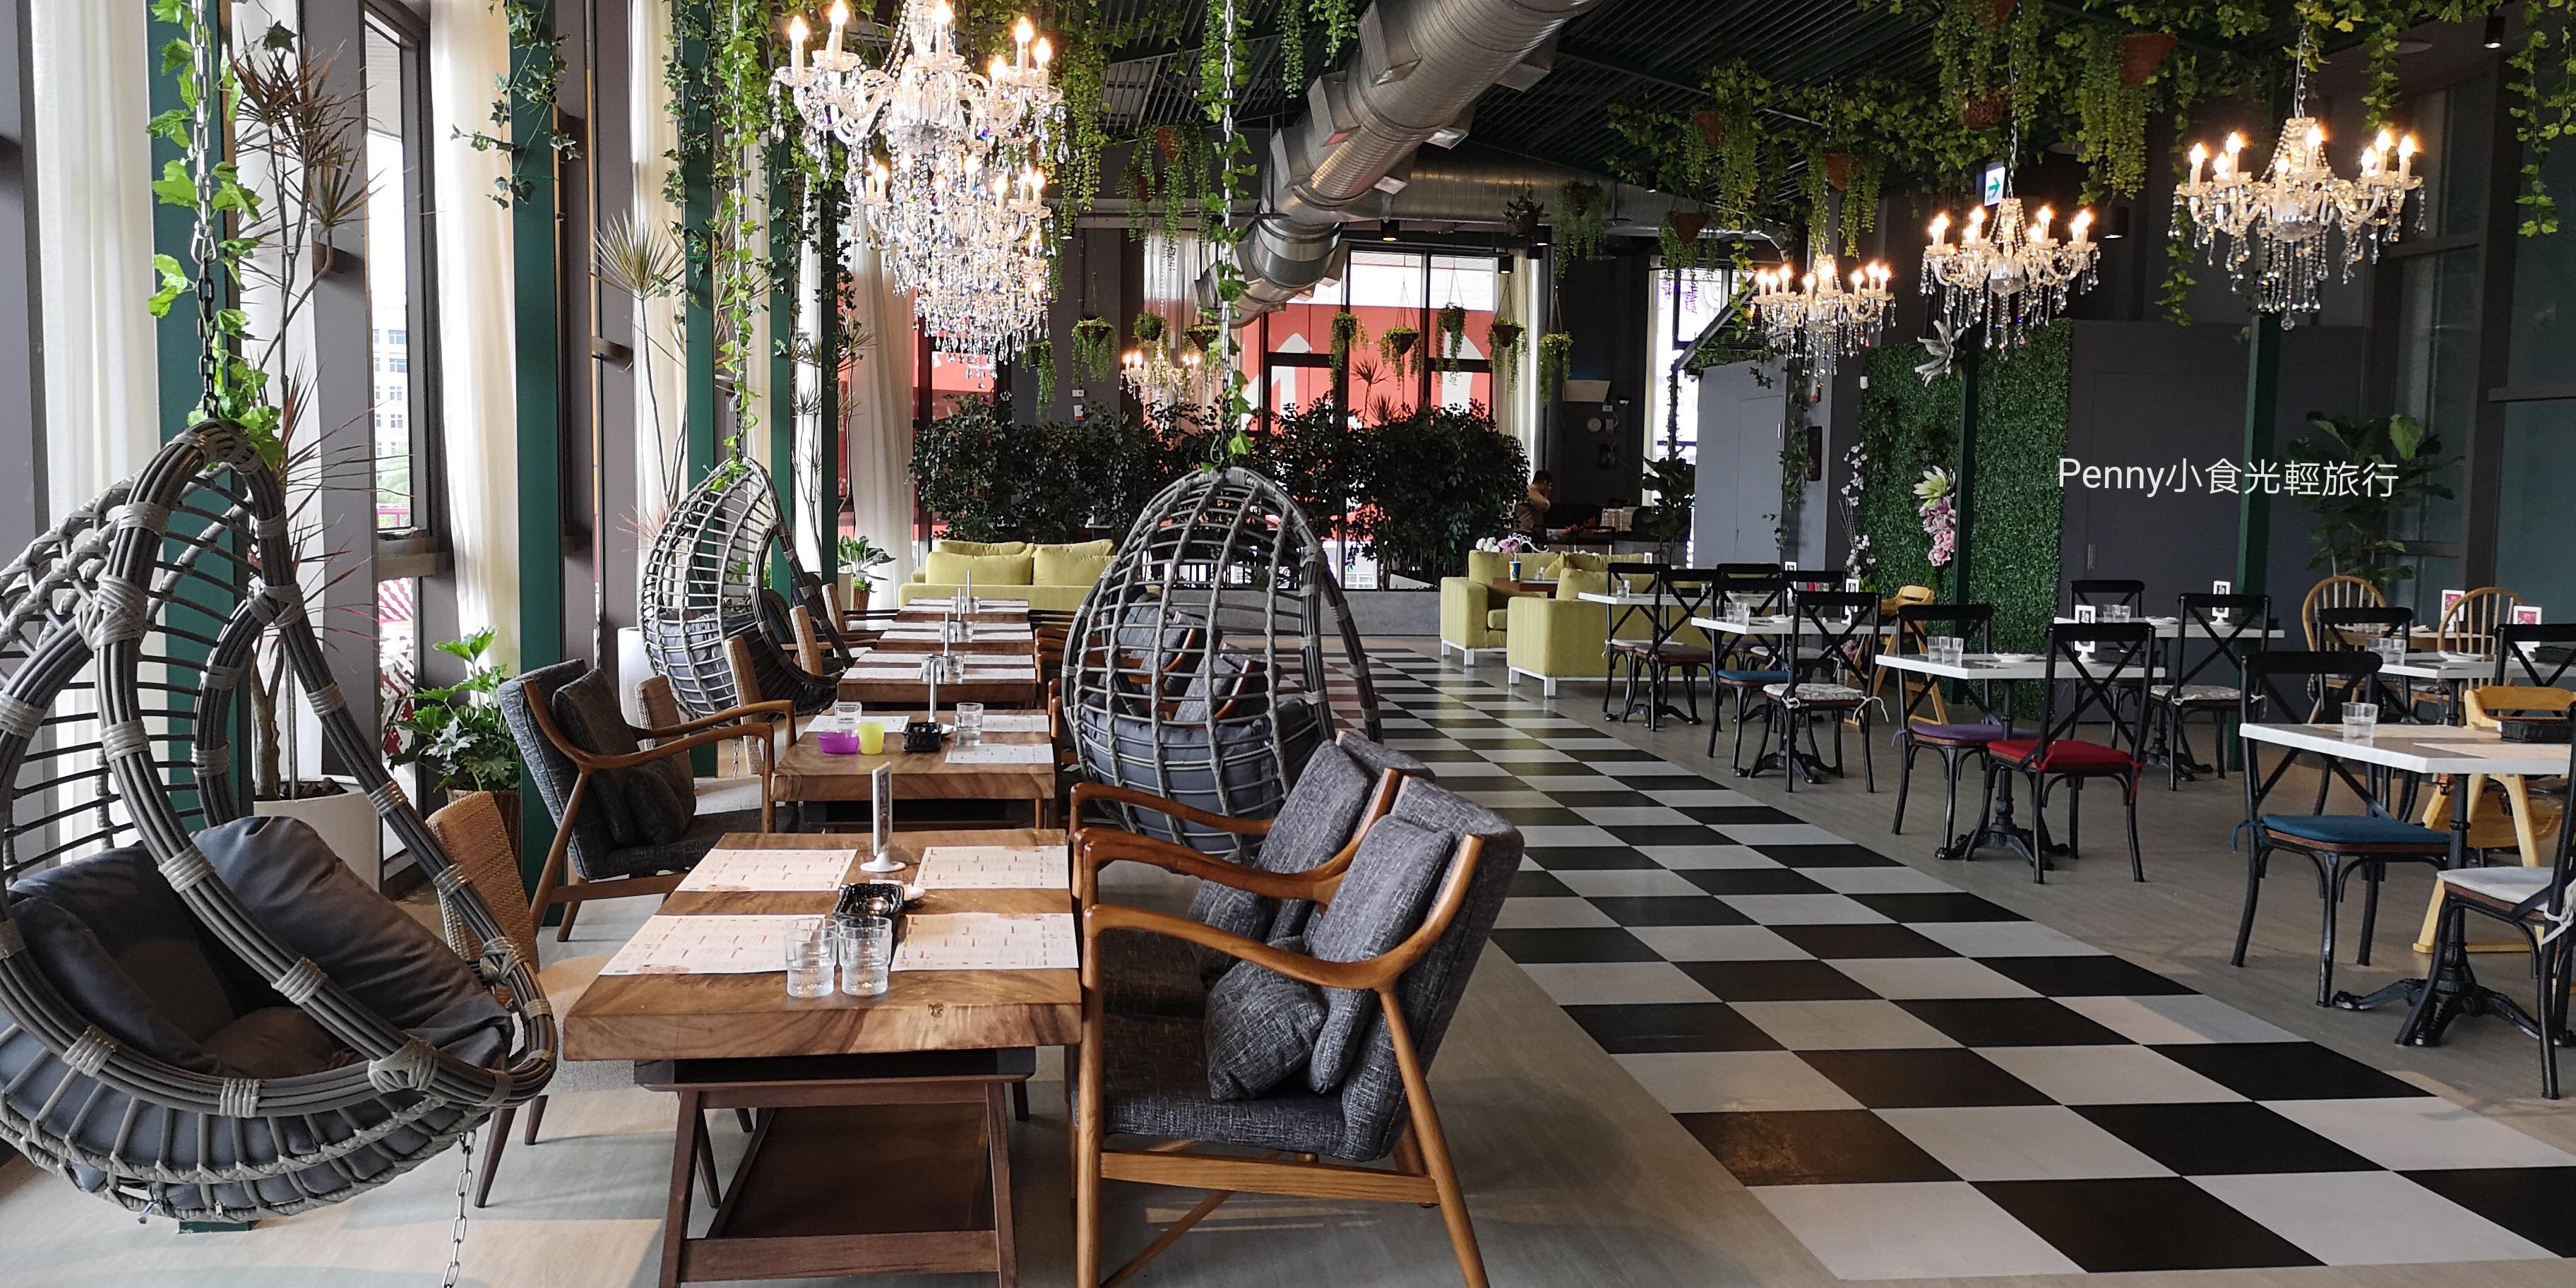 小食光︳內湖美食花草系餐廳•城市裡的小花園,我們一起LeNINI @penny小食光輕旅行